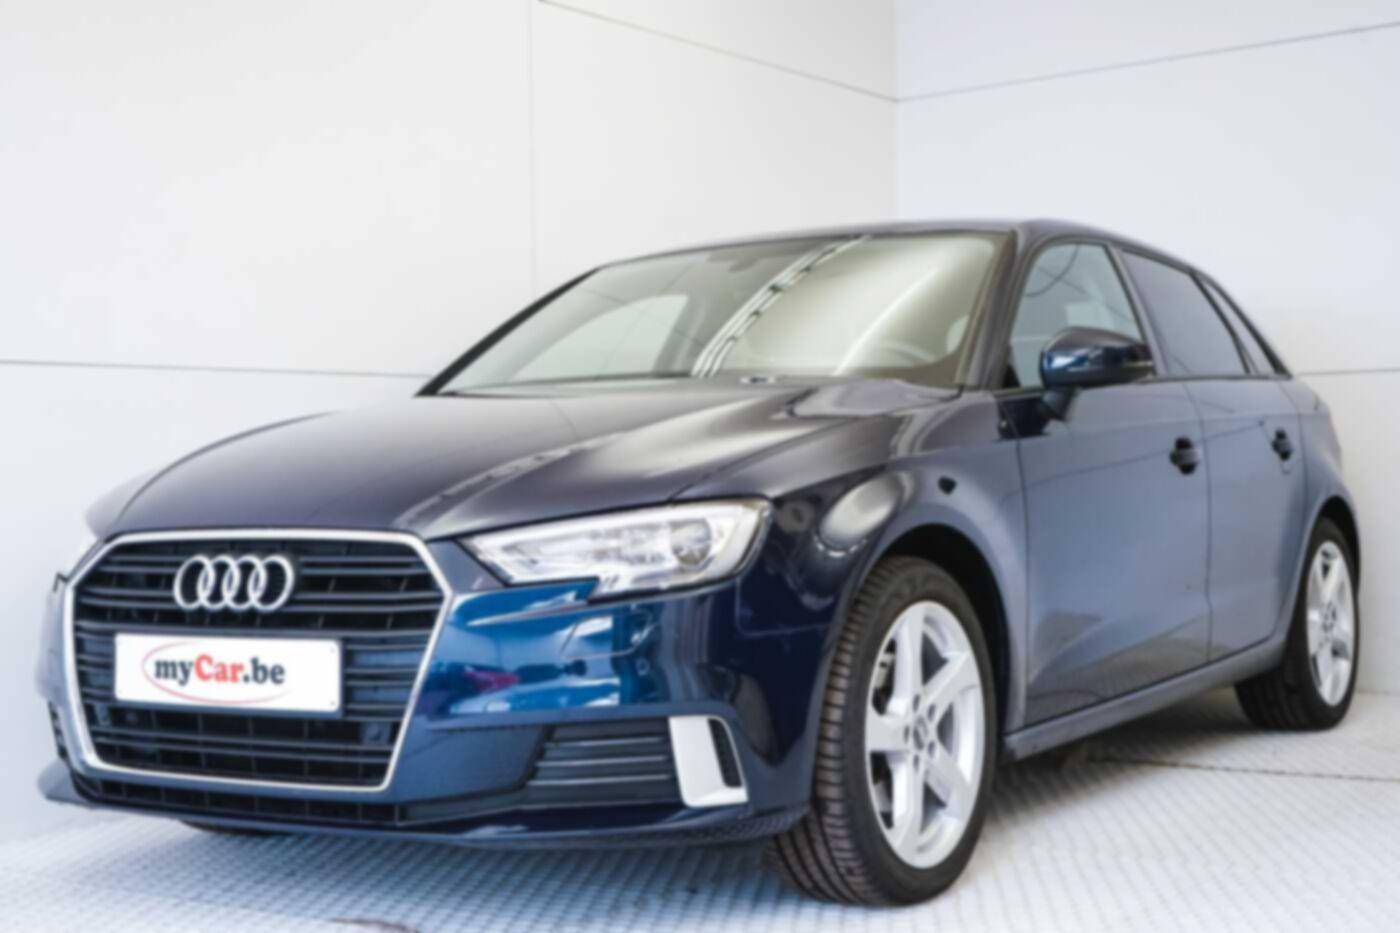 Audi A3 1.6 TDi Sport // dualzone airco, navi, zetelverwarming